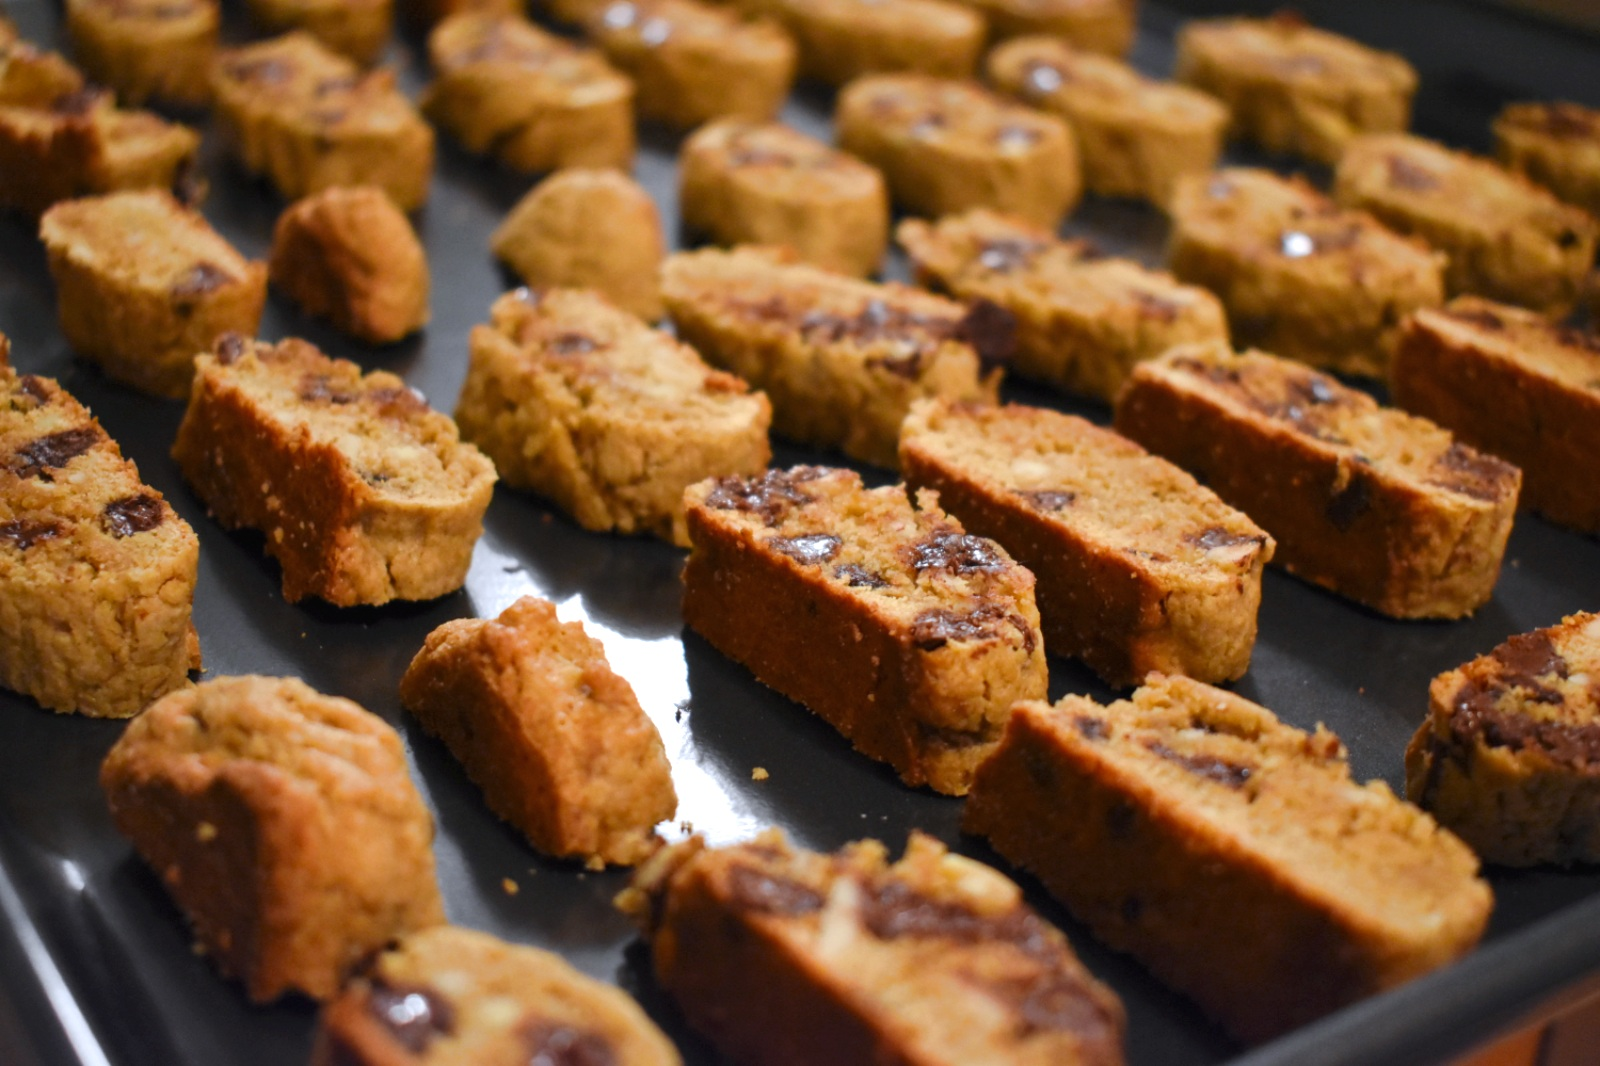 Mini biscottis au café et chocolat - Auboutdelalangue.com (13)